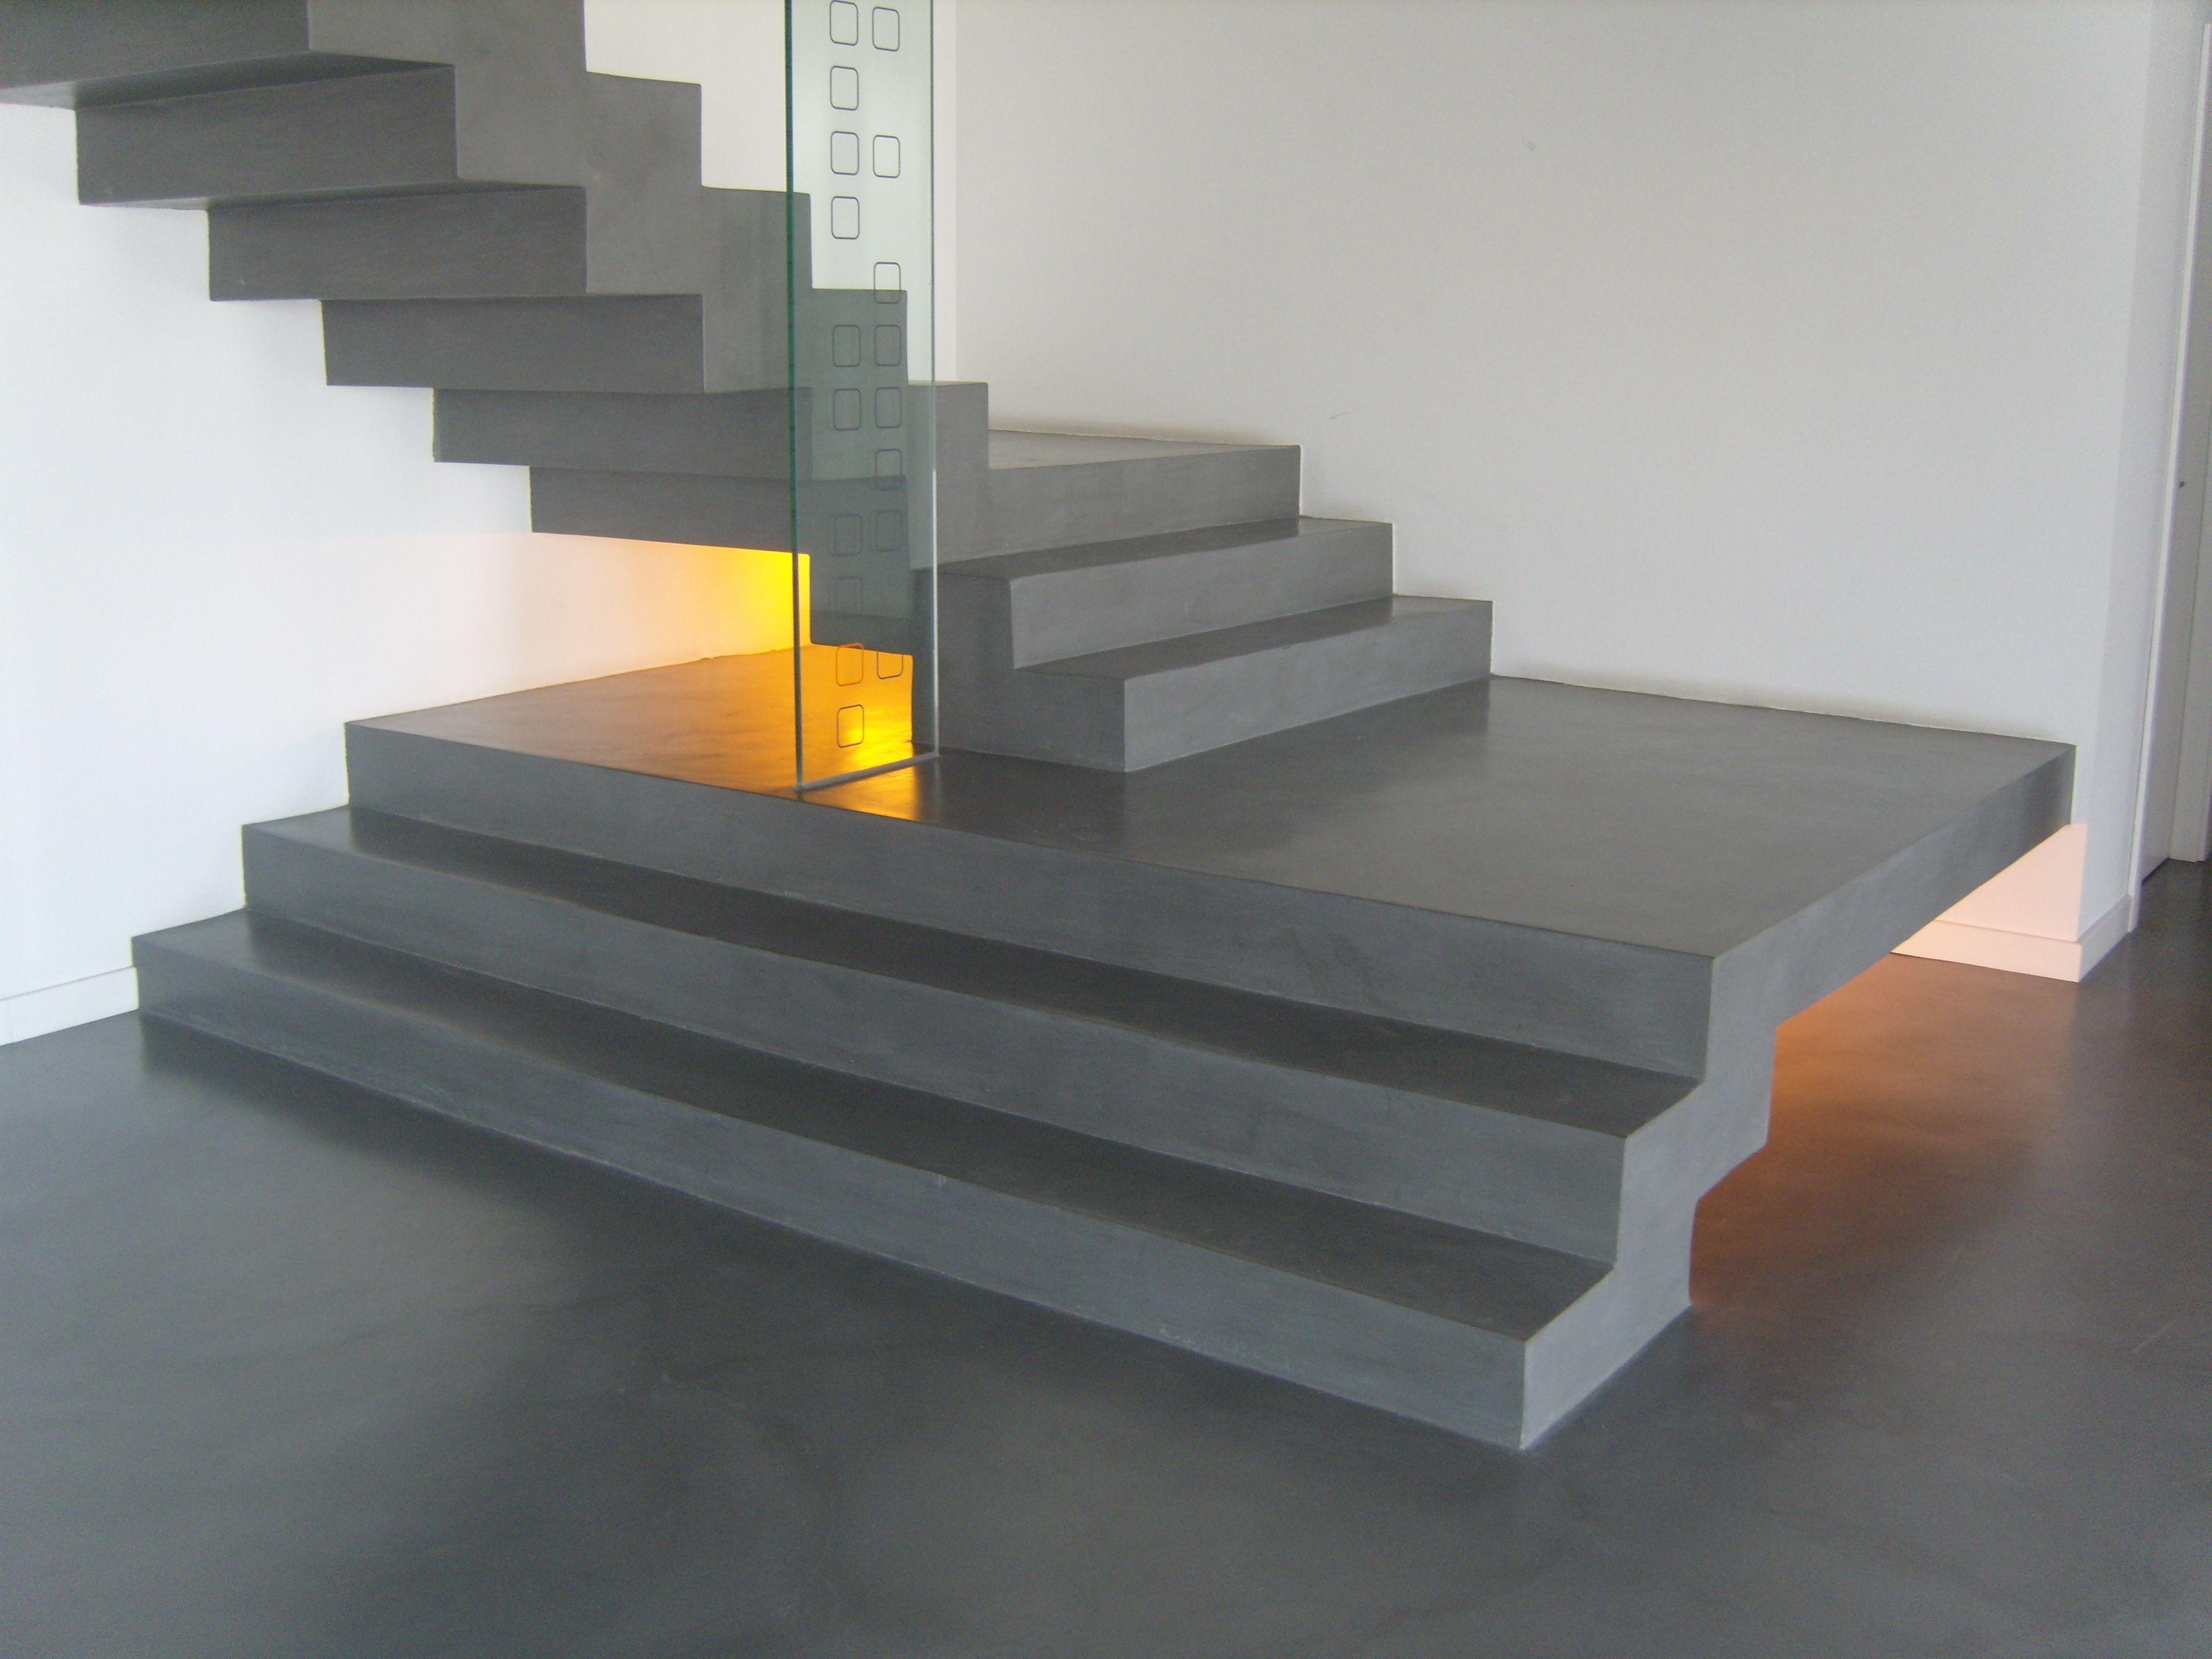 escaleras modernas con estilo vanguardista escalera de microcemento acabado urban xx - Escaleras Modernas